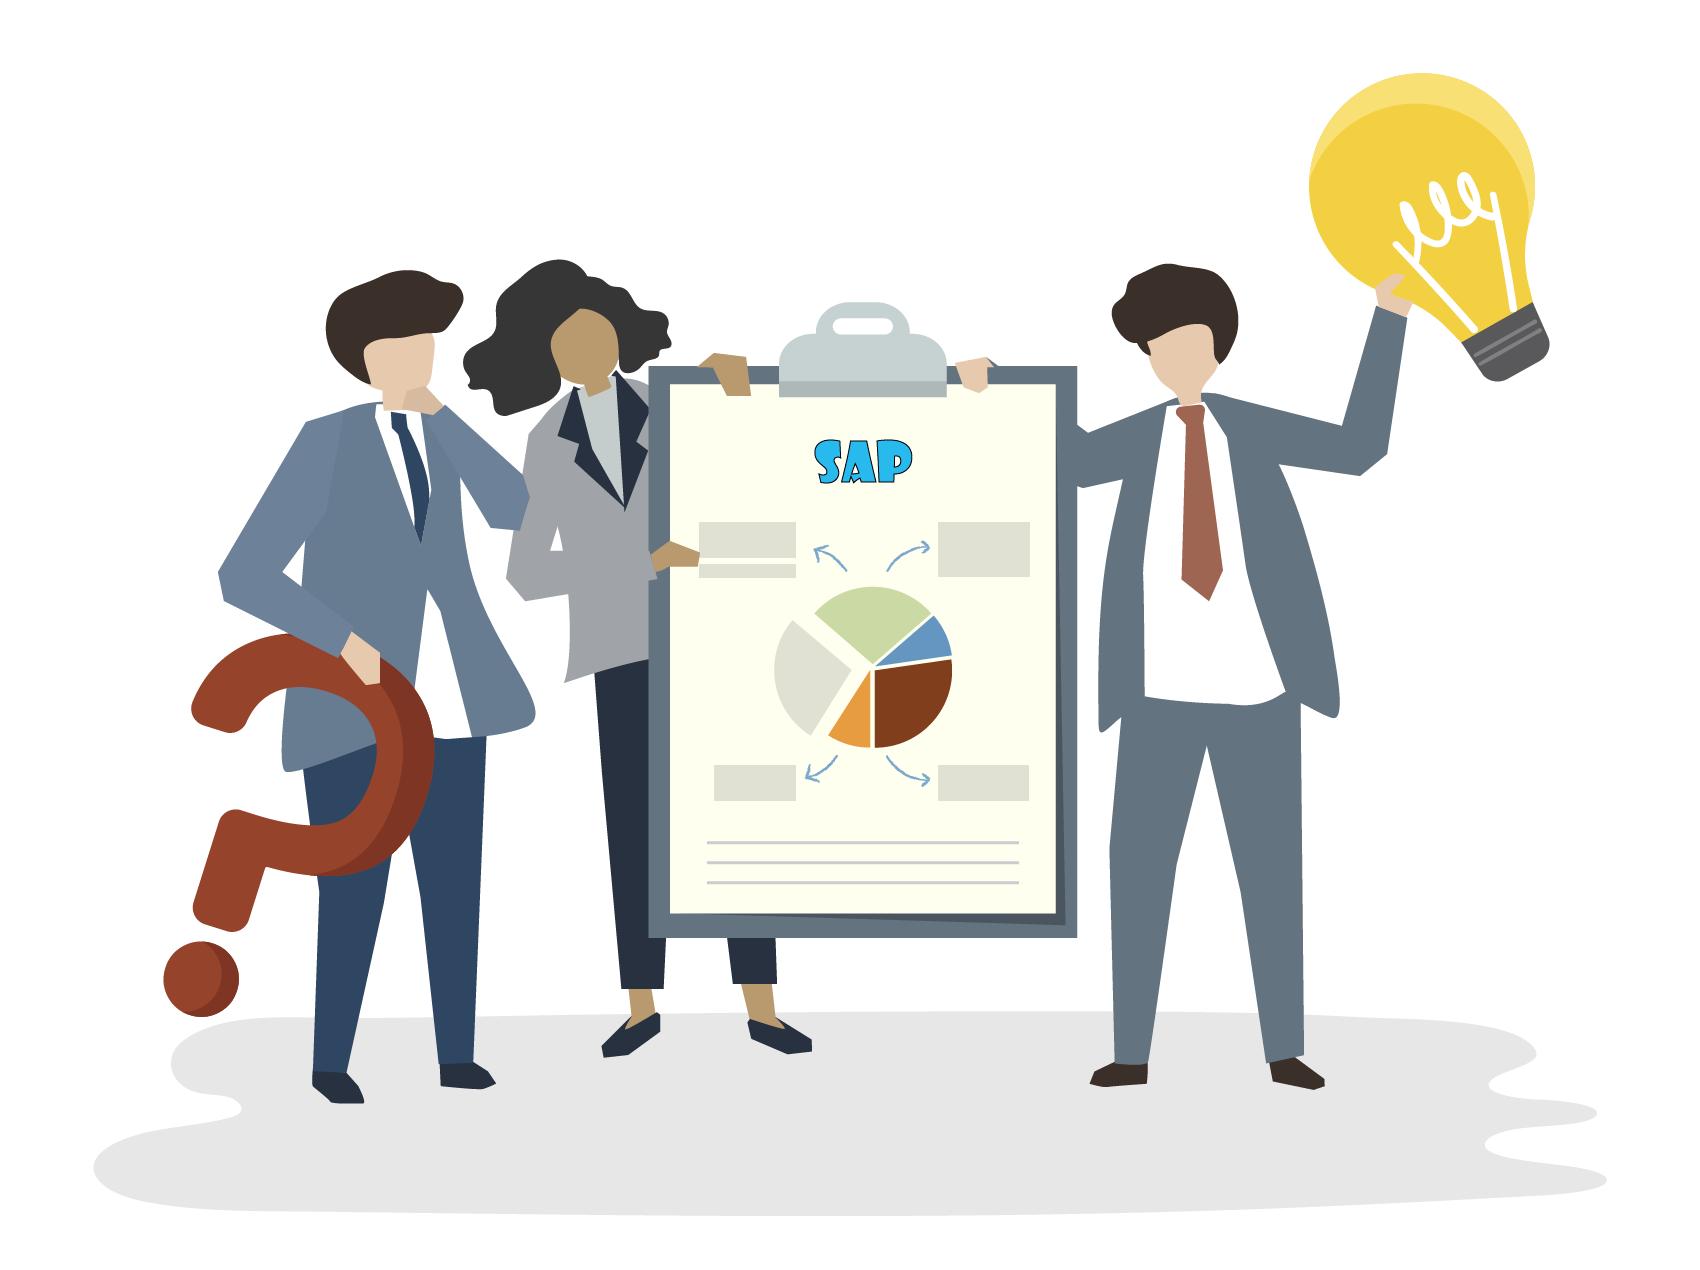 El sistema SAP consta de una serie de módulos totalmente integrados